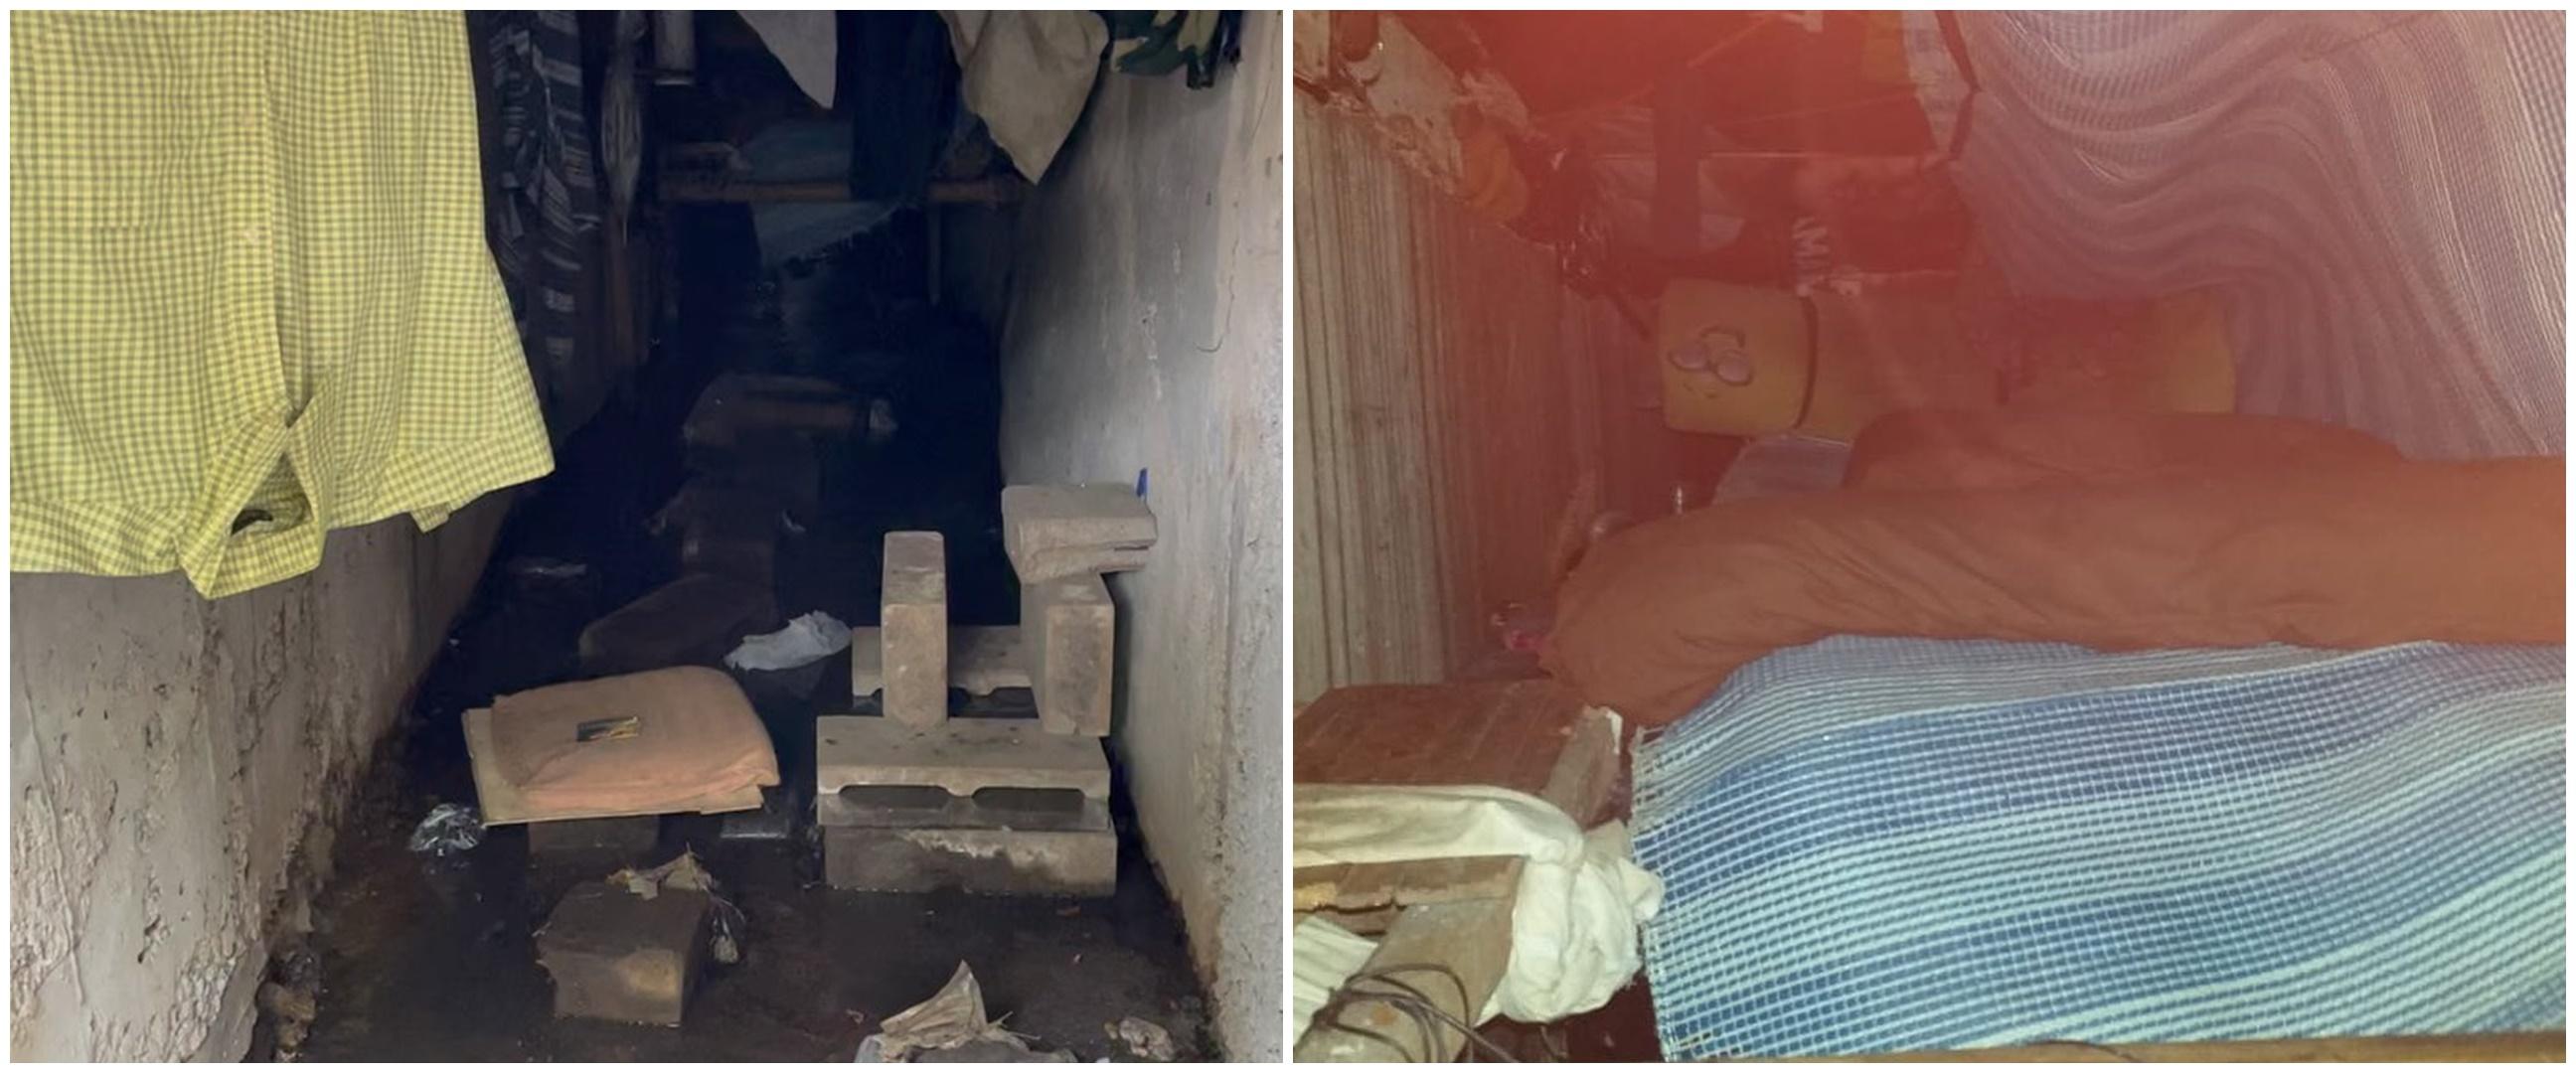 Viral penemuan 'kamar tidur' di saluran drainase kota Bandung